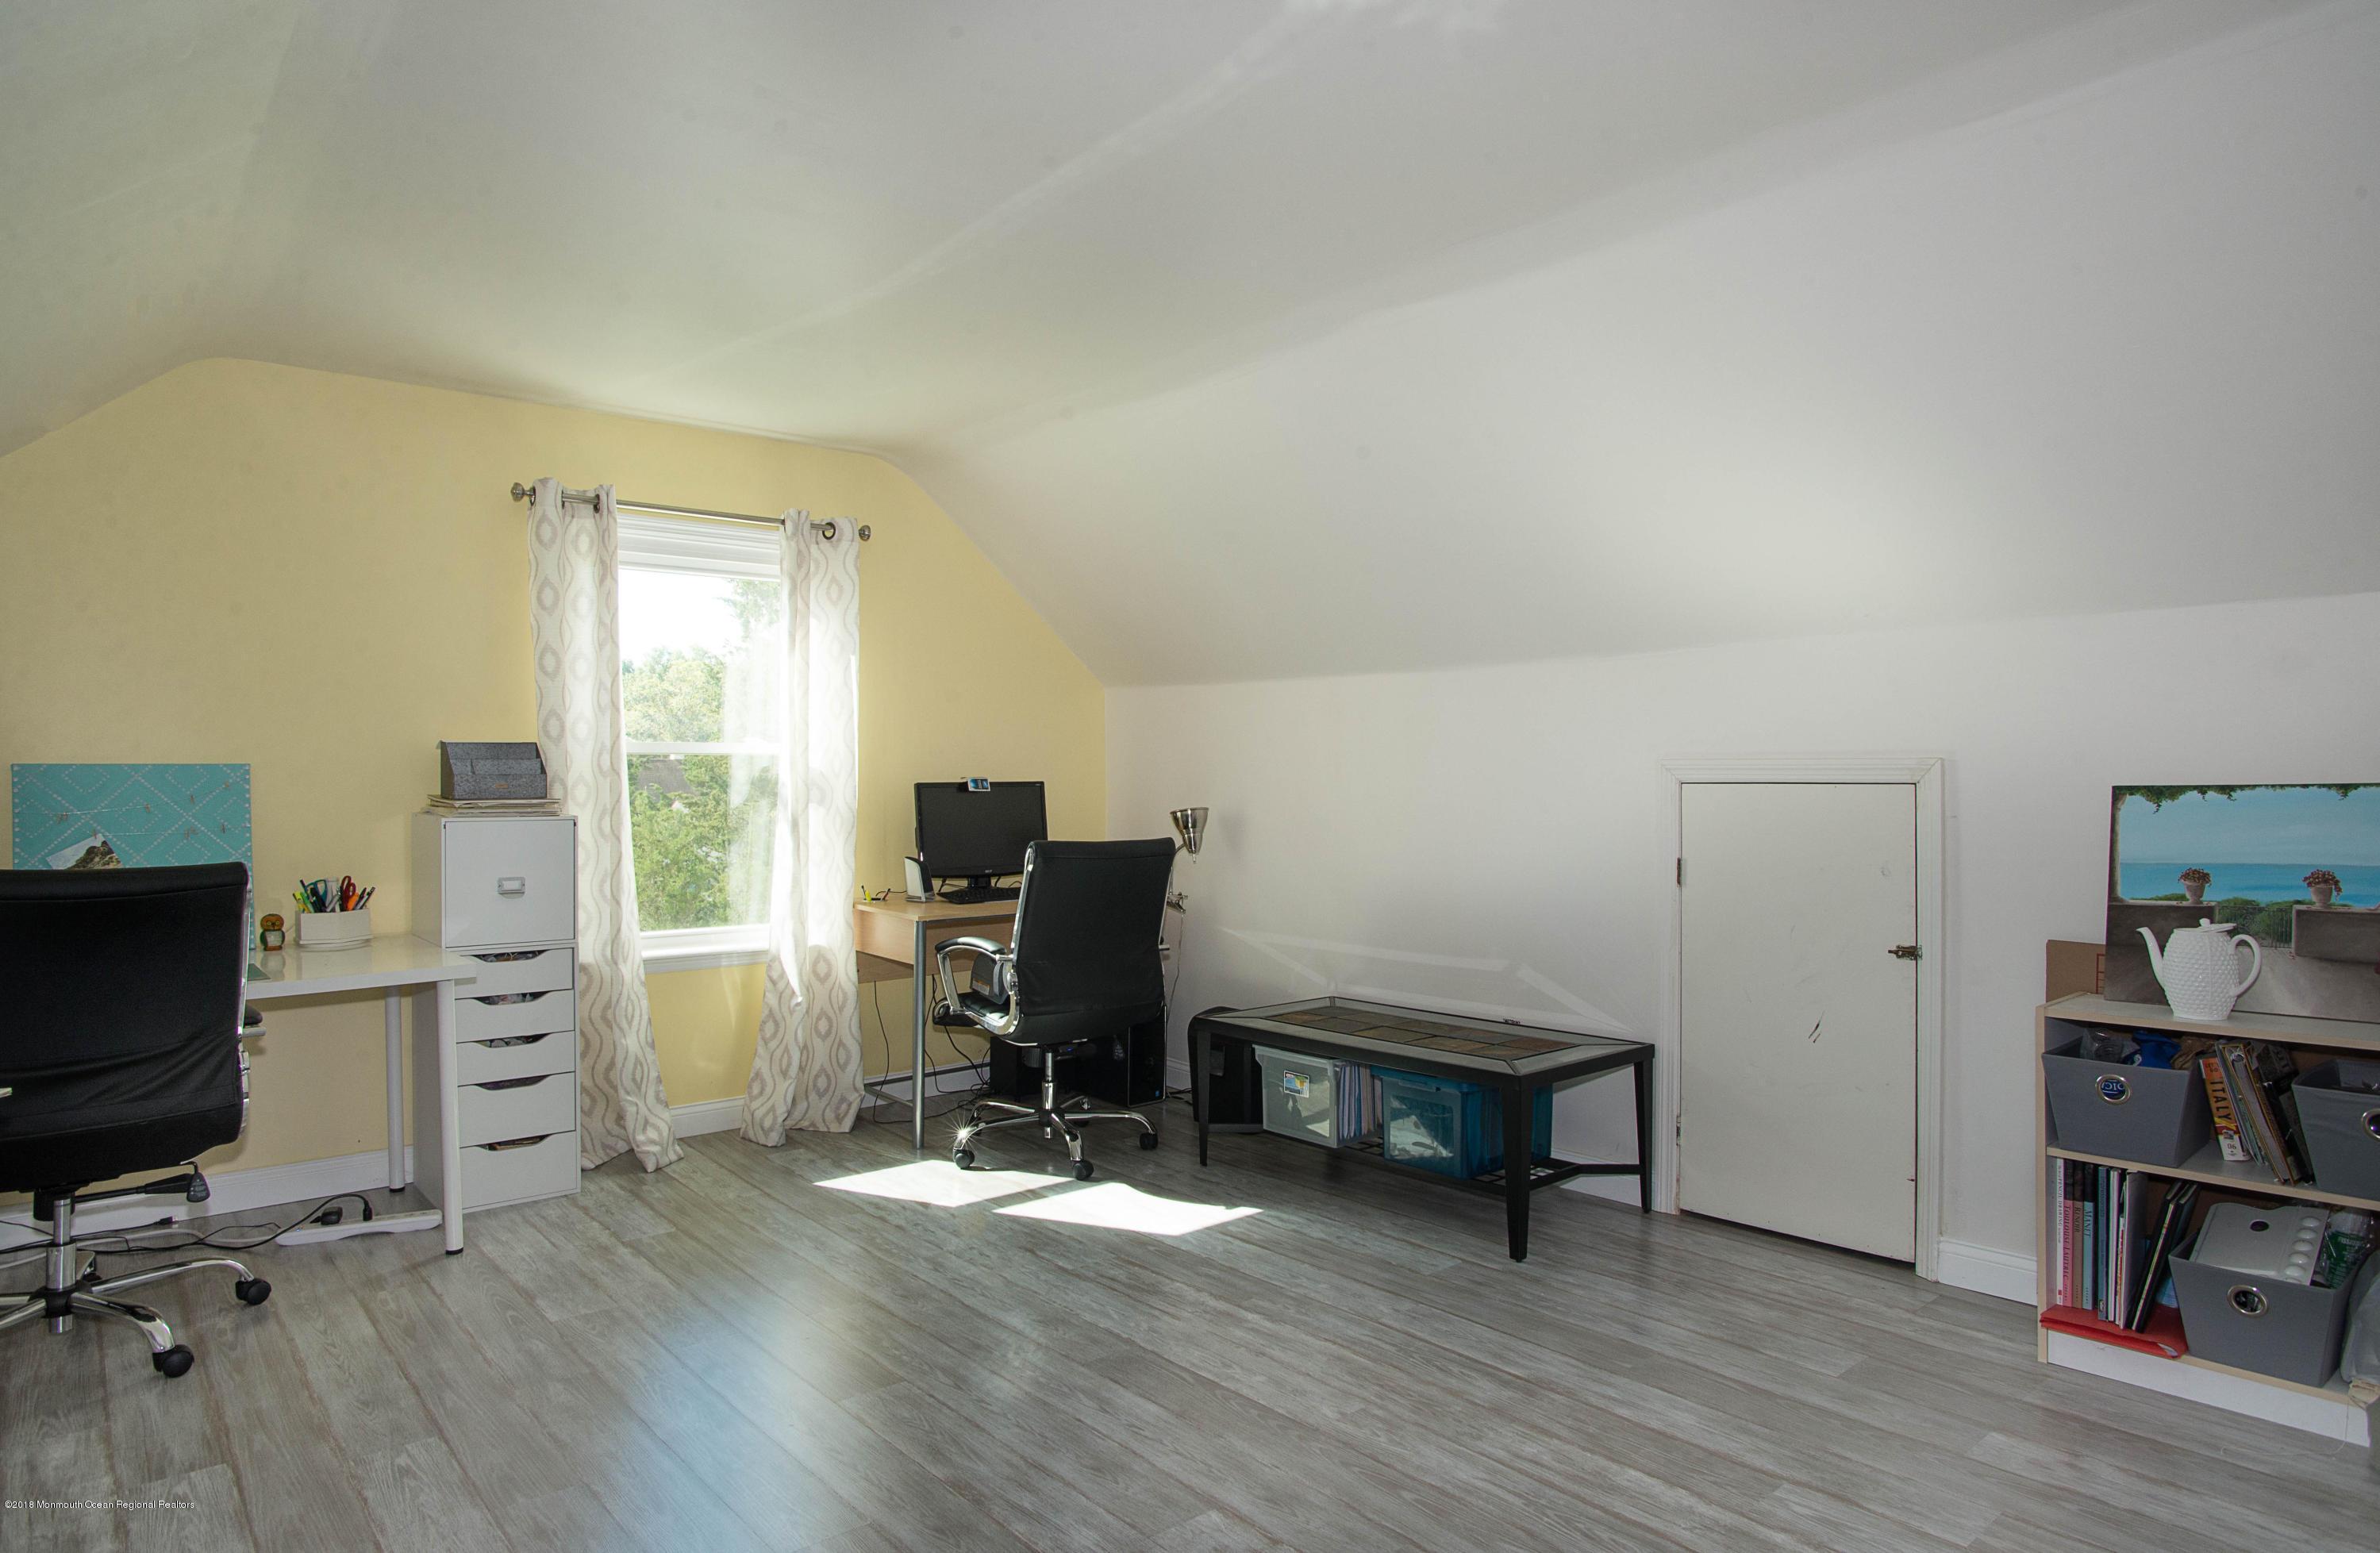 _RMJ7393.jpg loft 3rd bedroom